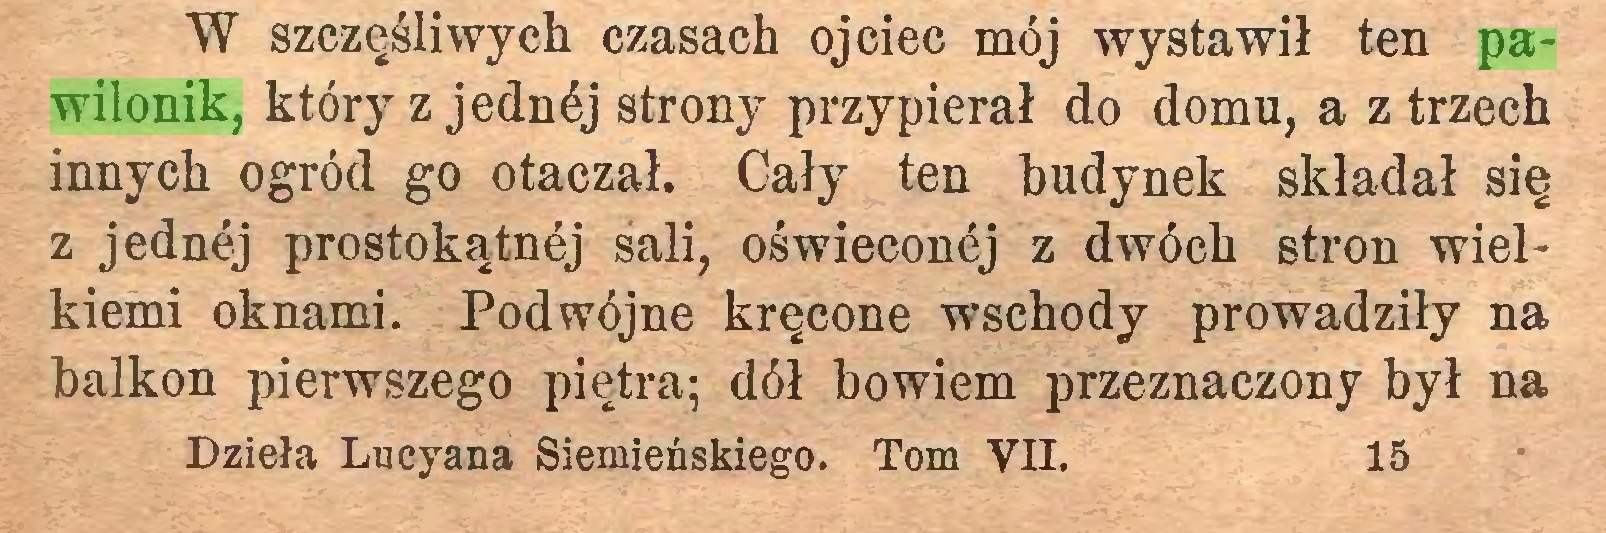 (...) W szczęśliwych czasach ojciec mój wystawił ten pawilonik, który z jednćj strony przypierał do domu, a z trzech innych ogród go otaczał. Cały ten budynek składał się z jednej prostokątnój sali, oświeconćj z dwóch stron wielkiemi oknami. Podwójne kręcone wschody prowadziły na balkon pierwszego piętra; dół bowiem przeznaczony był na Dzieła Lucyana Siemieńskiego. Tom VII. 15...